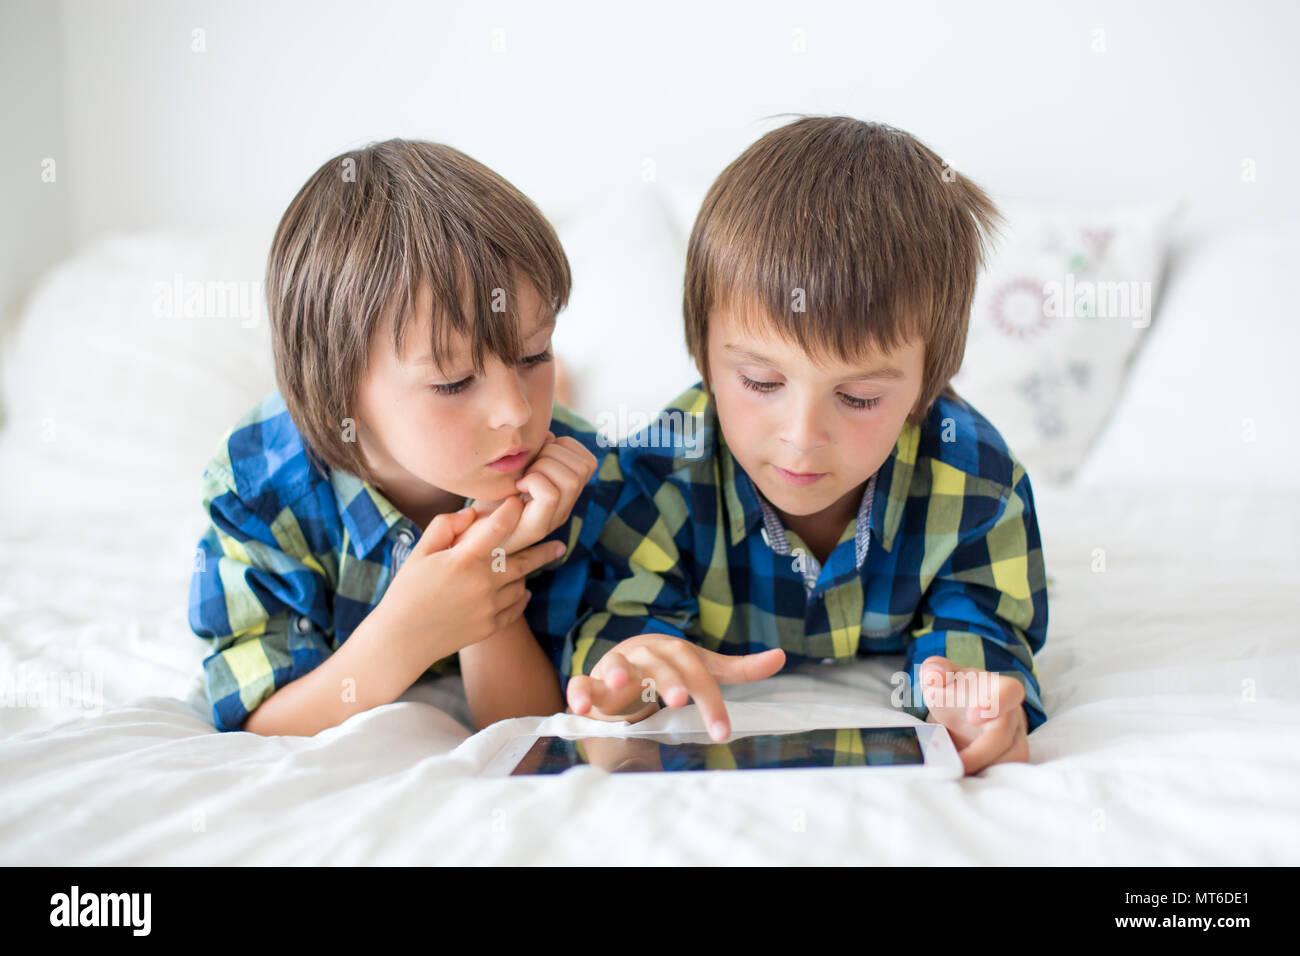 Zwei Kinder im Vorschulalter, junge Brüder, zu Hause im Bett auf Tablet Stockbild